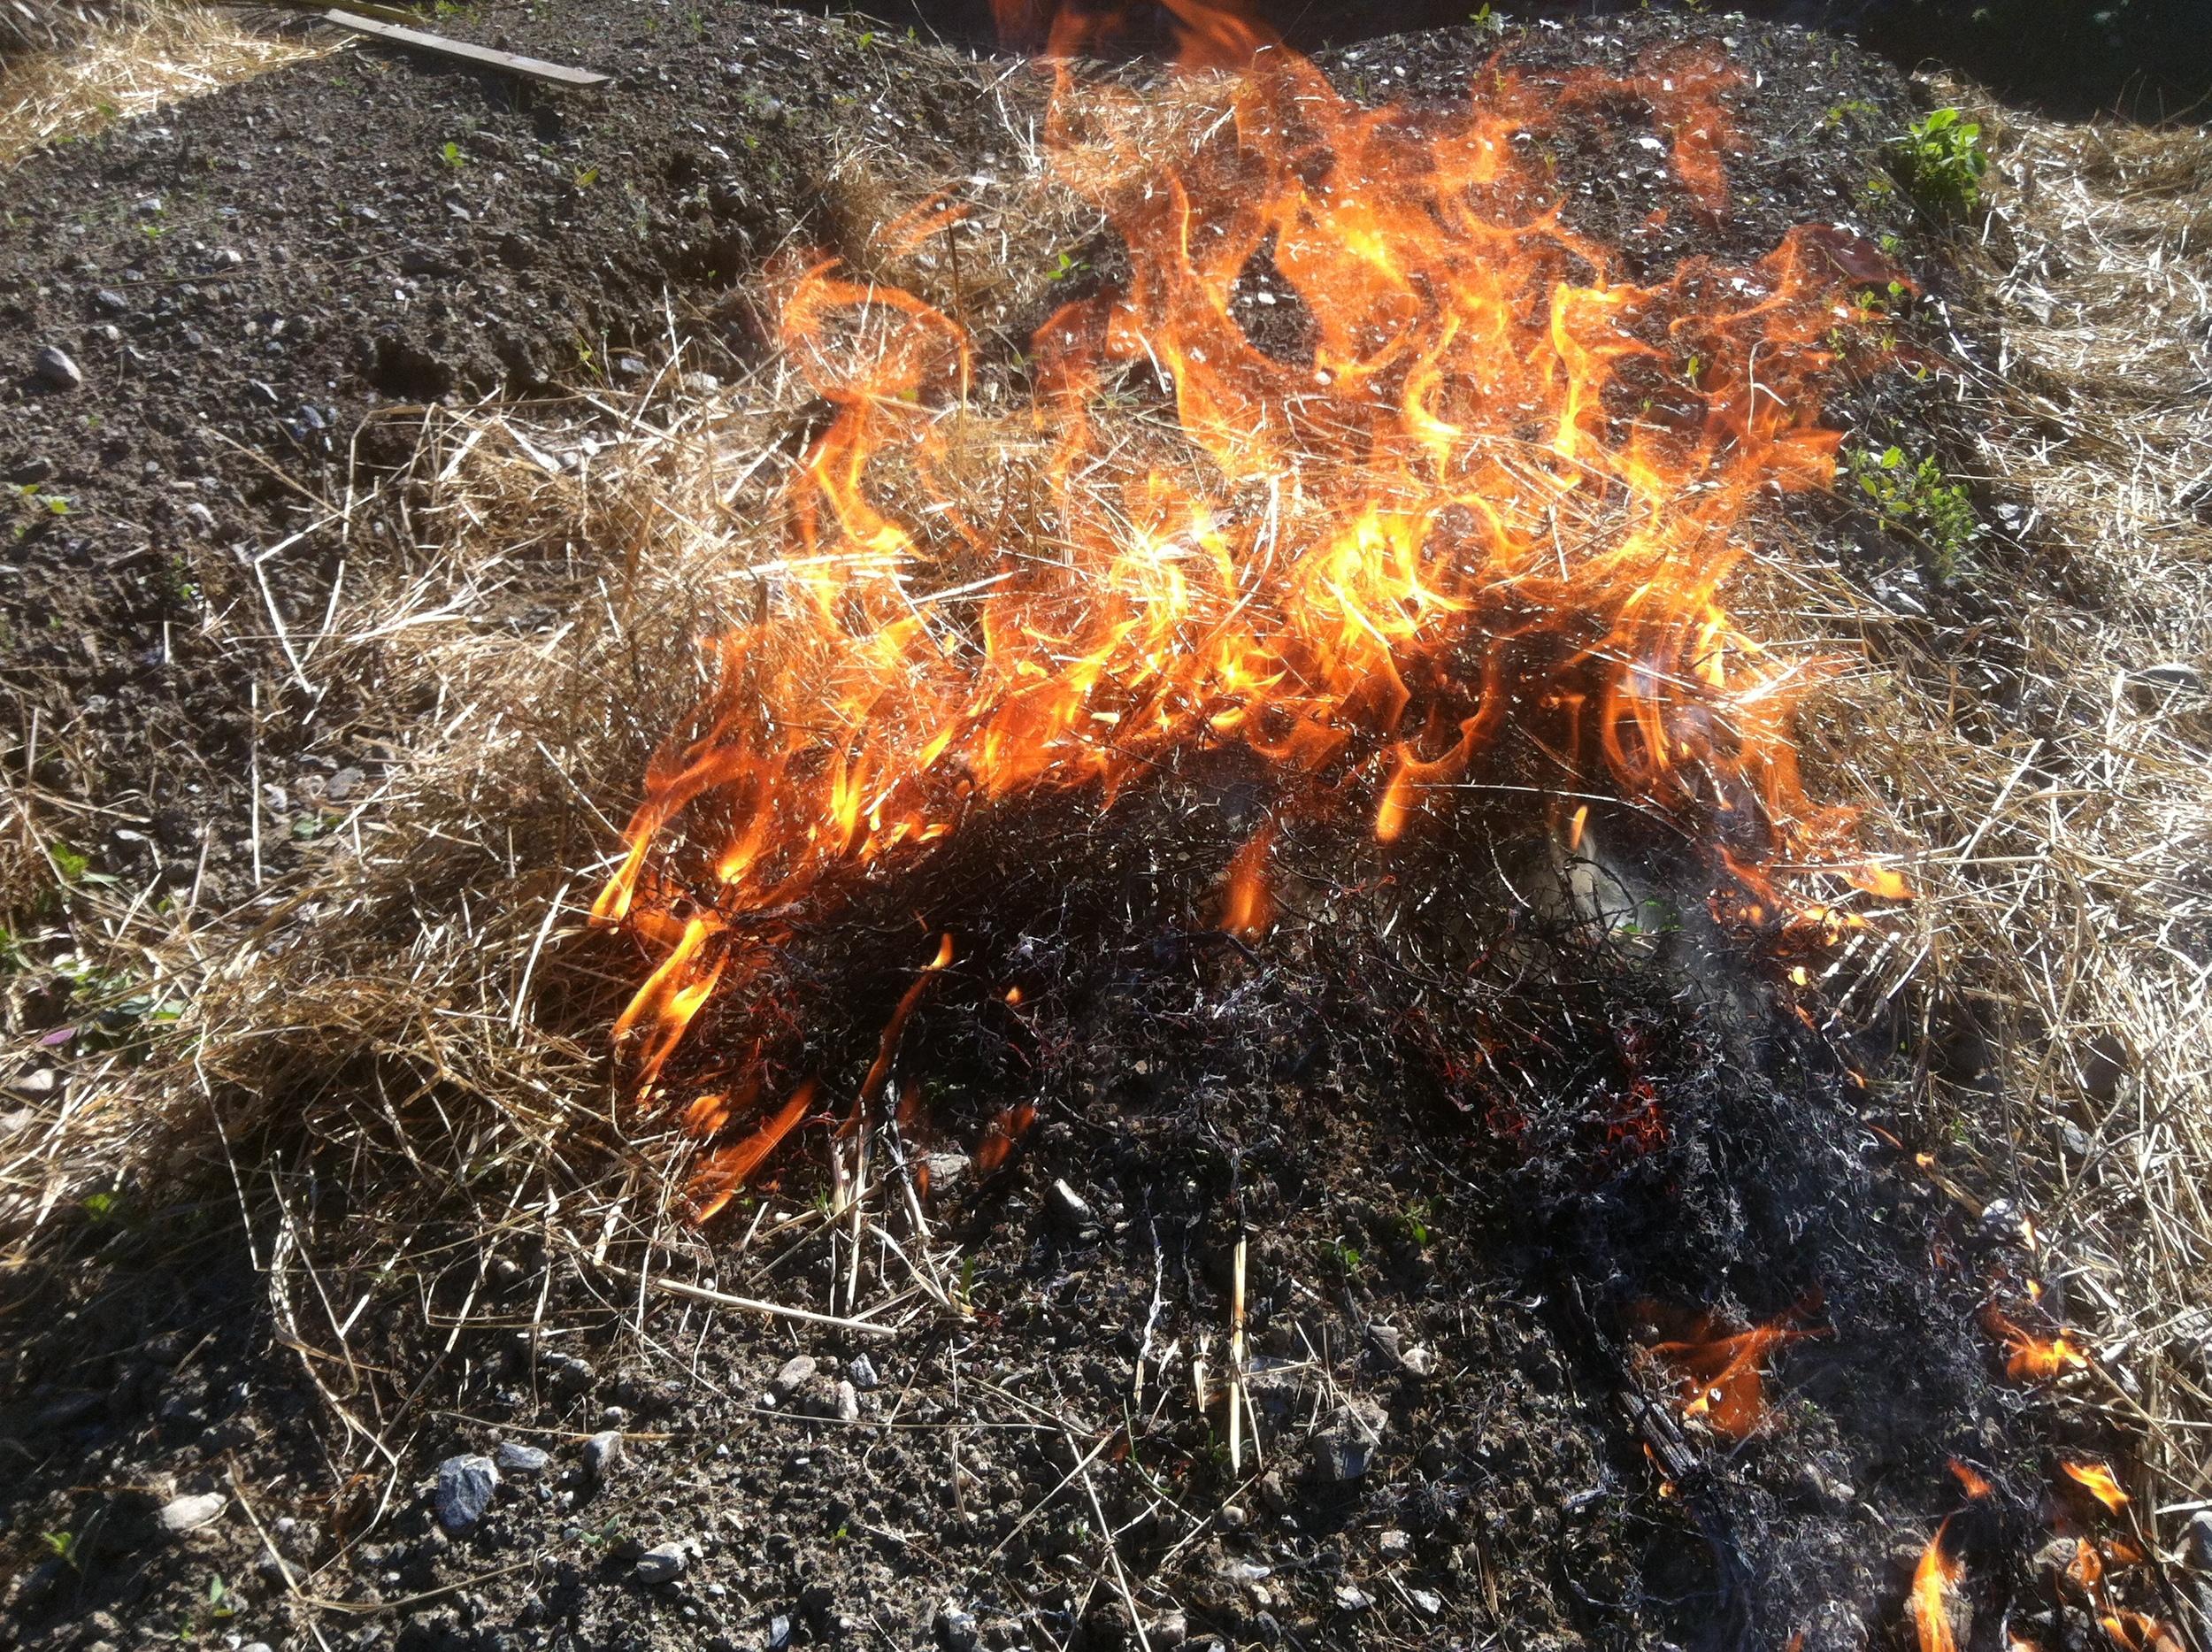 Tørt gress kan legges ut og brennes på såbed for å fjerne ugress-spirer før såing og planting.